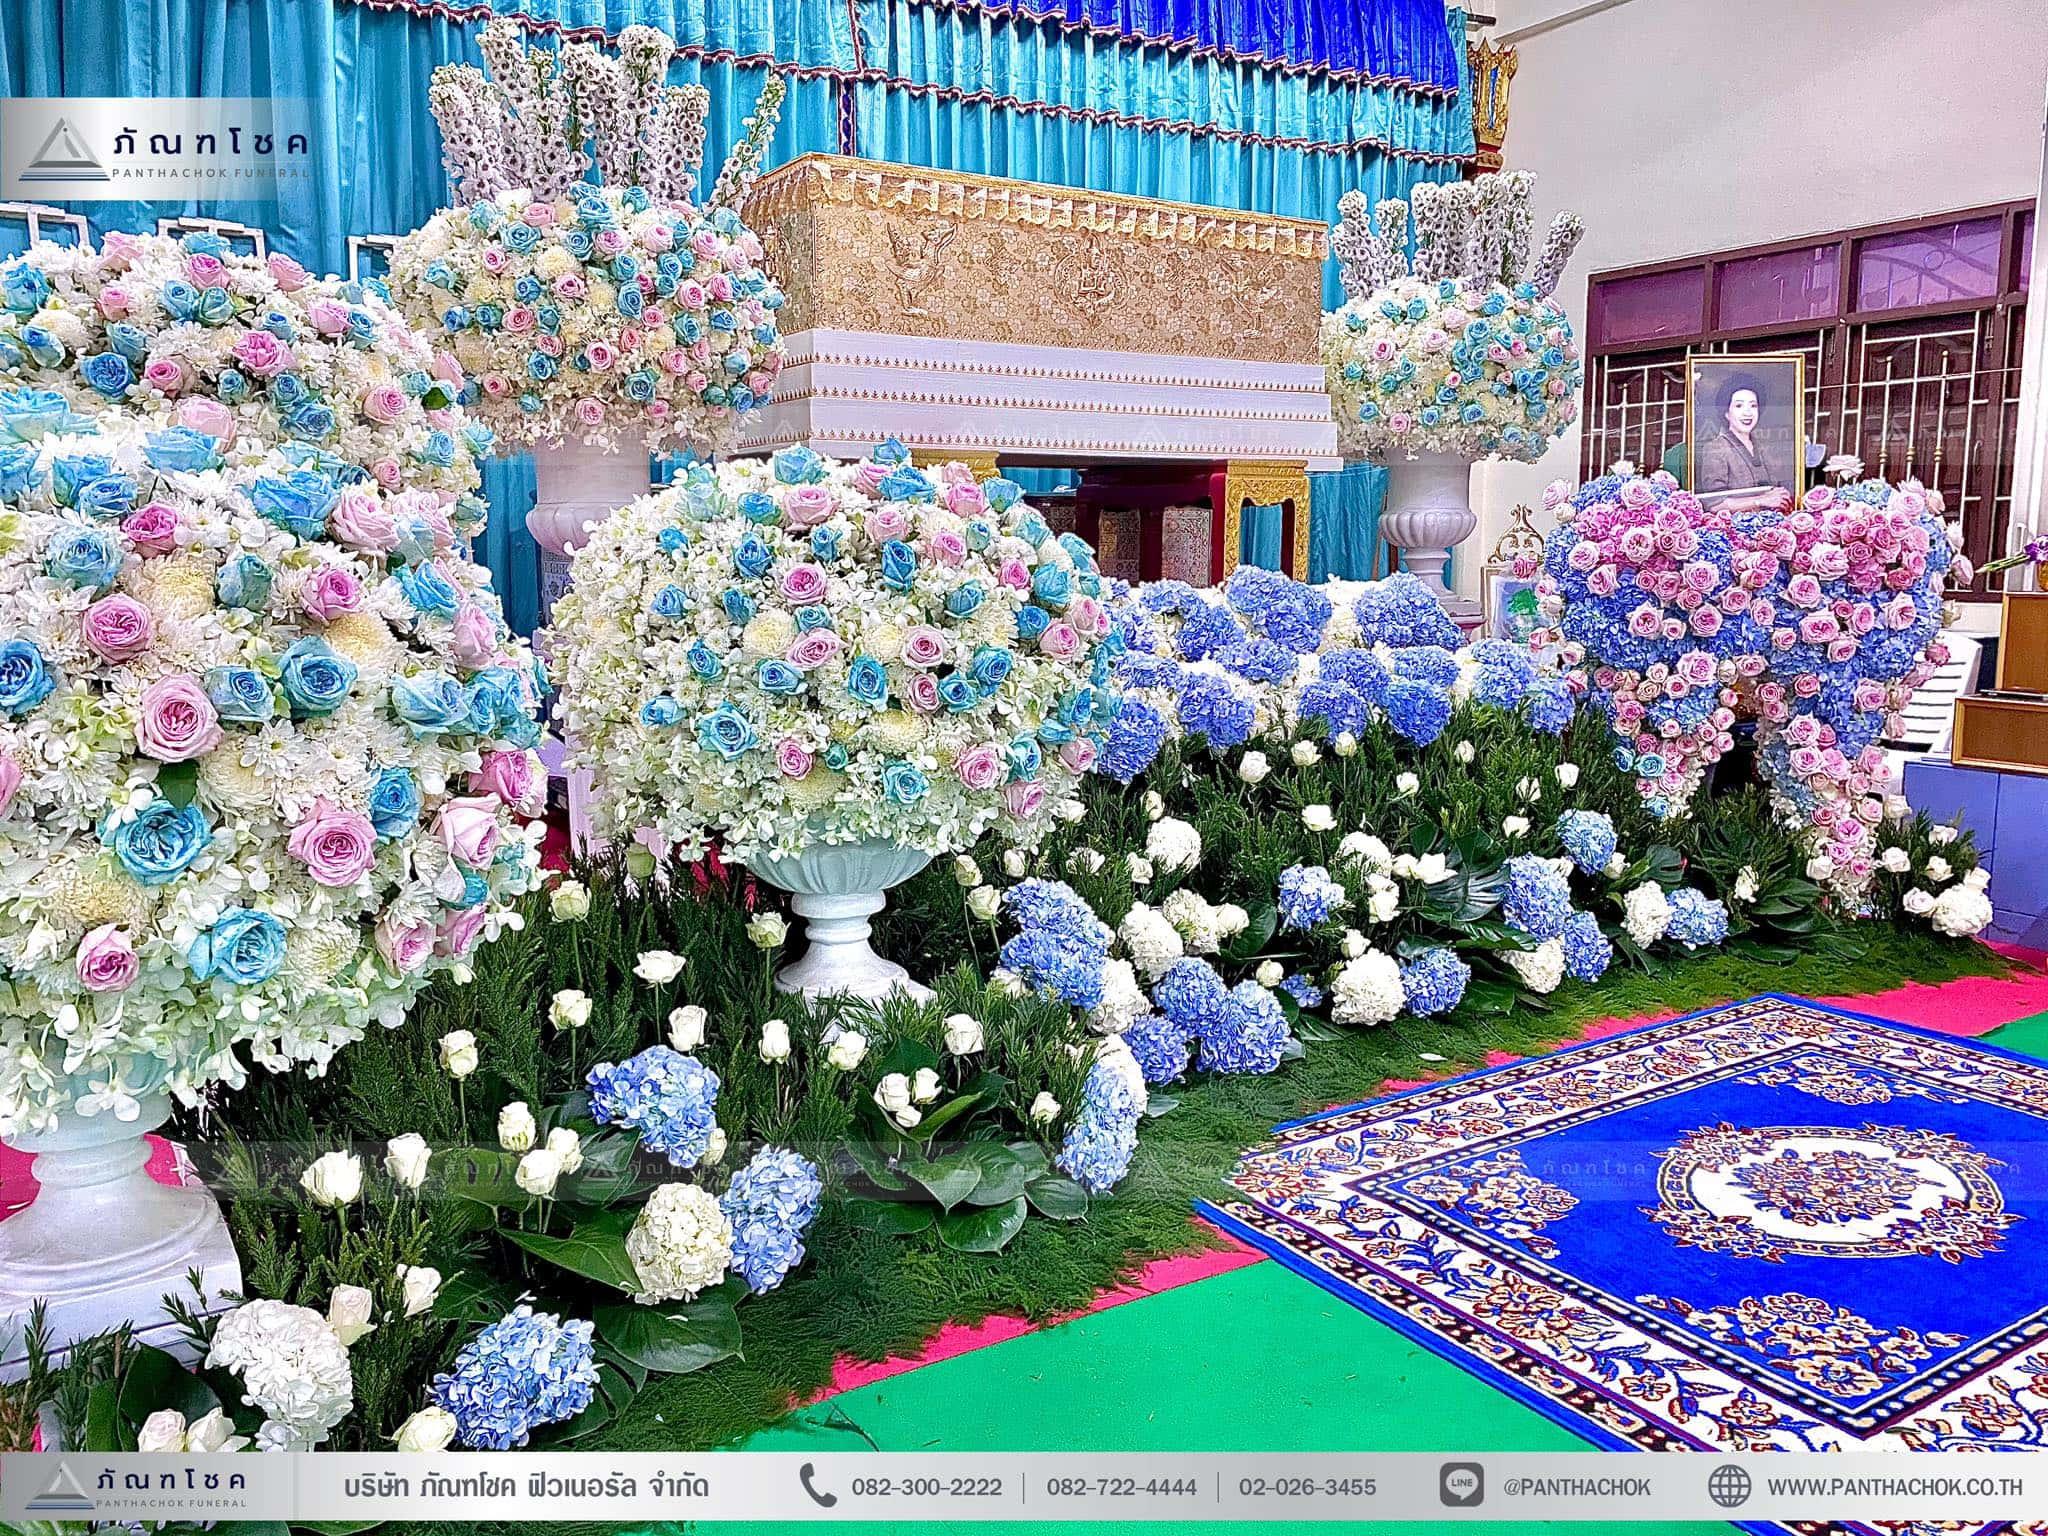 ดอกไม้งานศพสไตล์โมเดิร์น ณ วัดบัวขวัญพระอารามหลวง จ.นนทบุรี 1